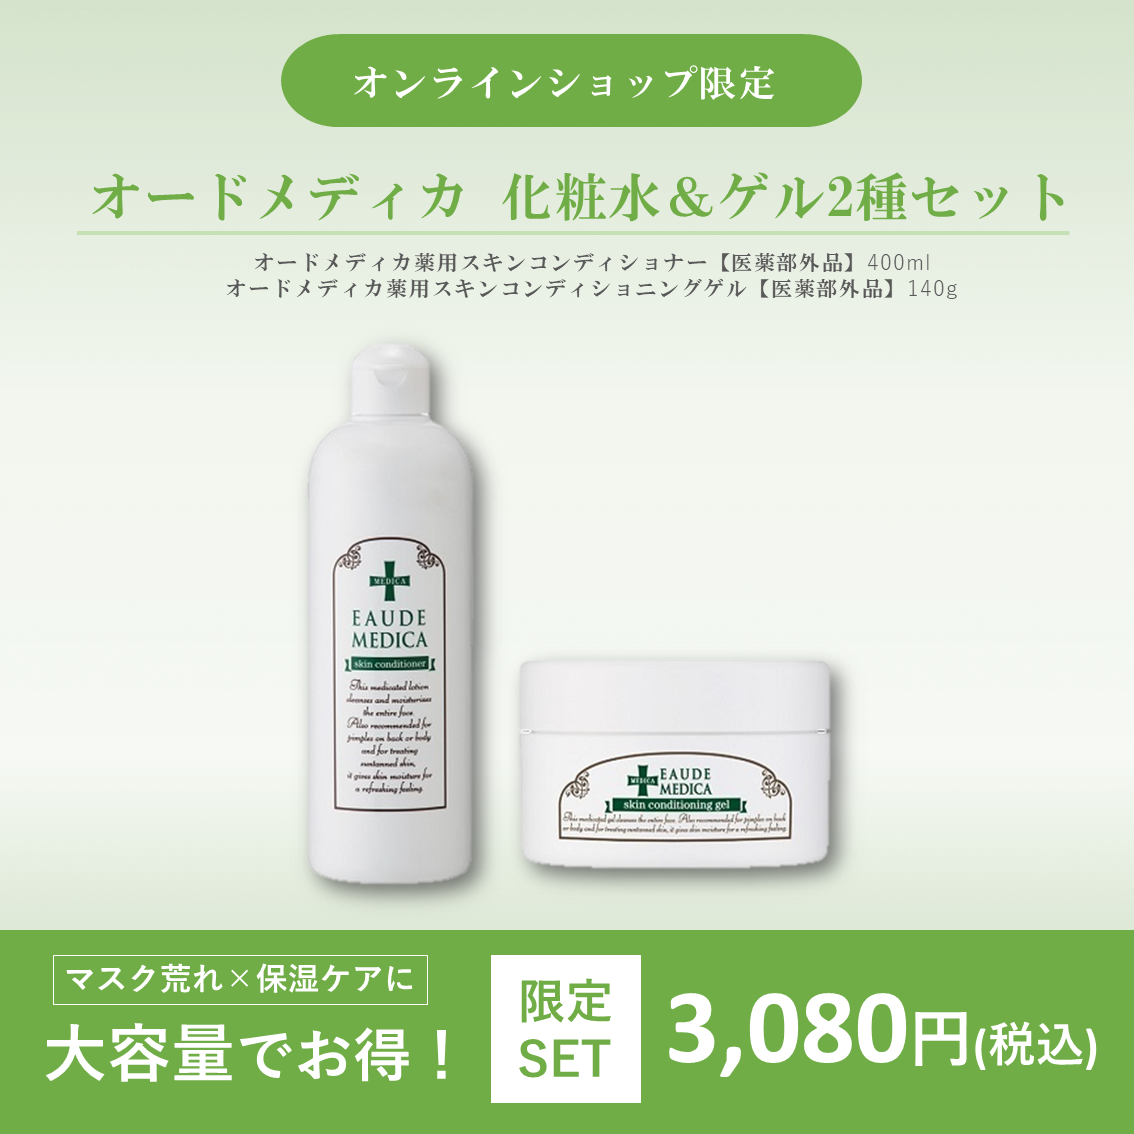 オードメディカ 化粧水&ゲル2種セット【医薬部外品】